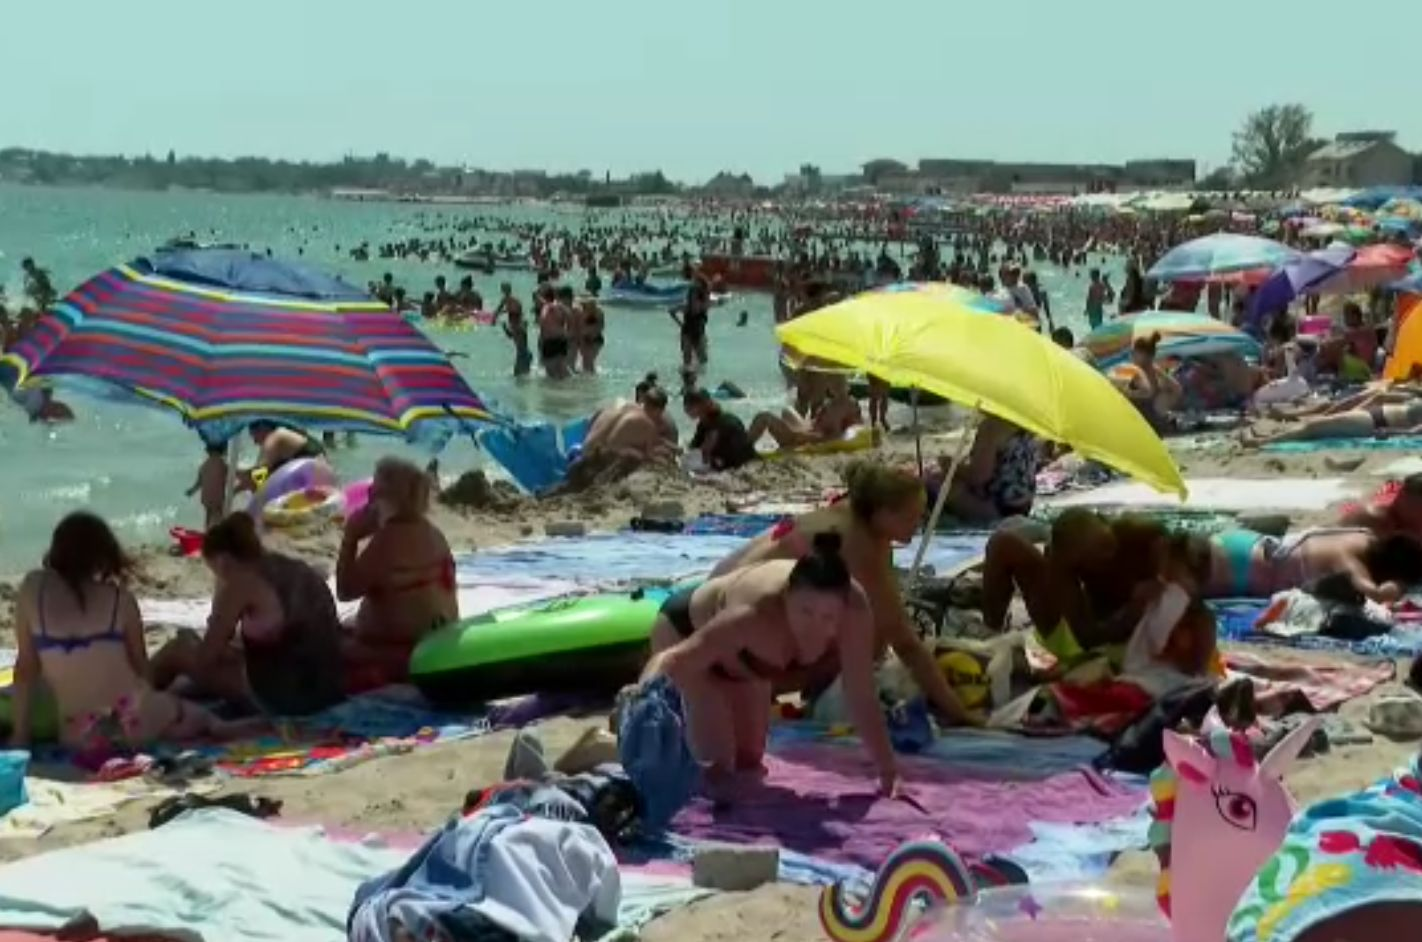 """Cel mai aglomerat weekend de pe litoral. Turist: """"Unde să mergem, la nudiști?!"""""""